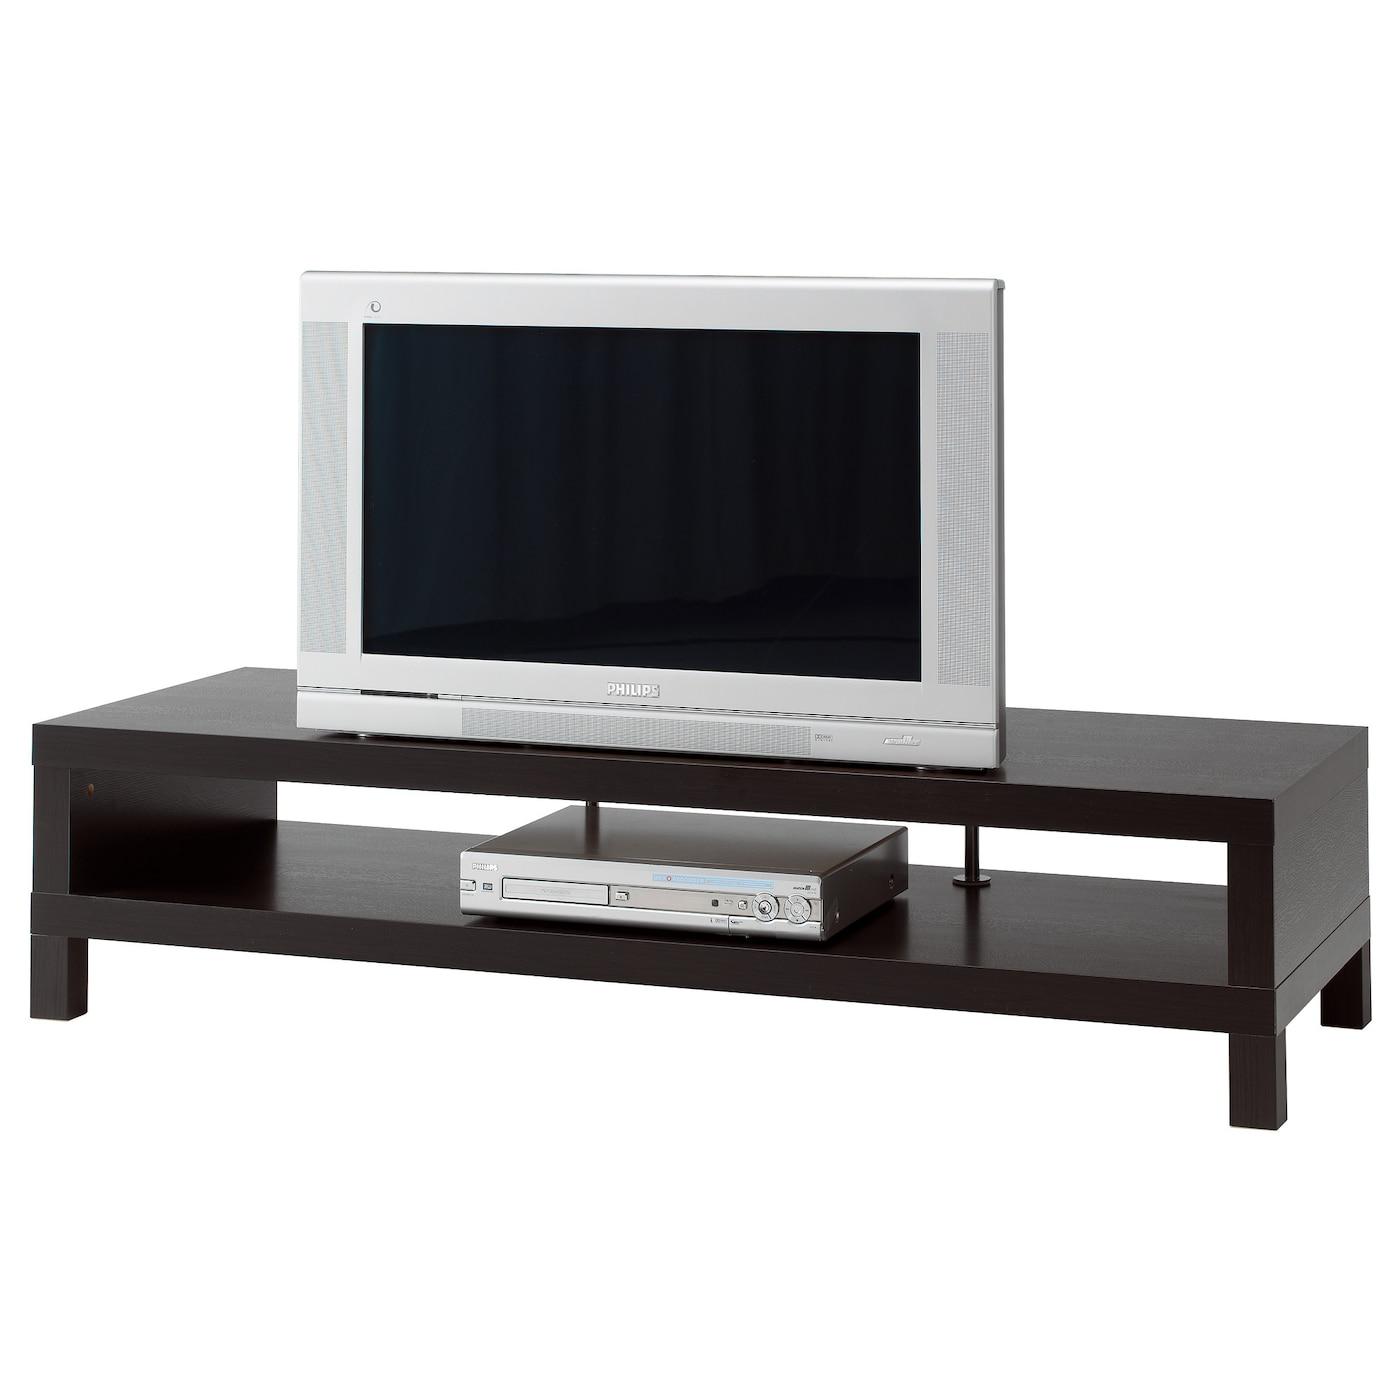 Lack Banc Tv Brun Noir 149×55 Cm Ikea # Meuble Tv Rangement Conforama